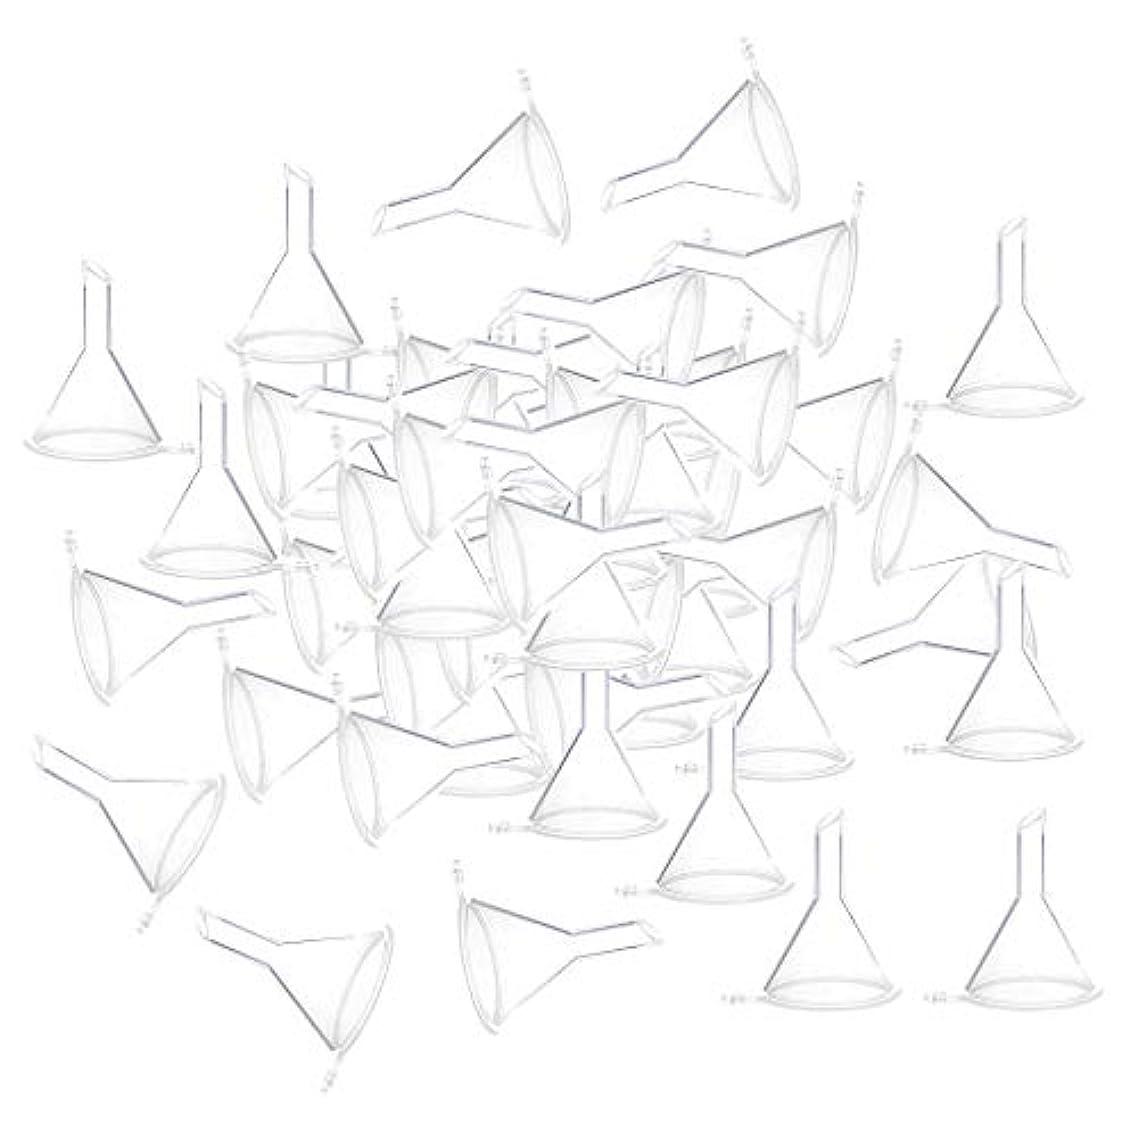 中止します取り組むチケットF Fityle 小分けツール ミニ ファンネル エッセンシャルオイル 液体 香水用 全100個 3カラー - クリア